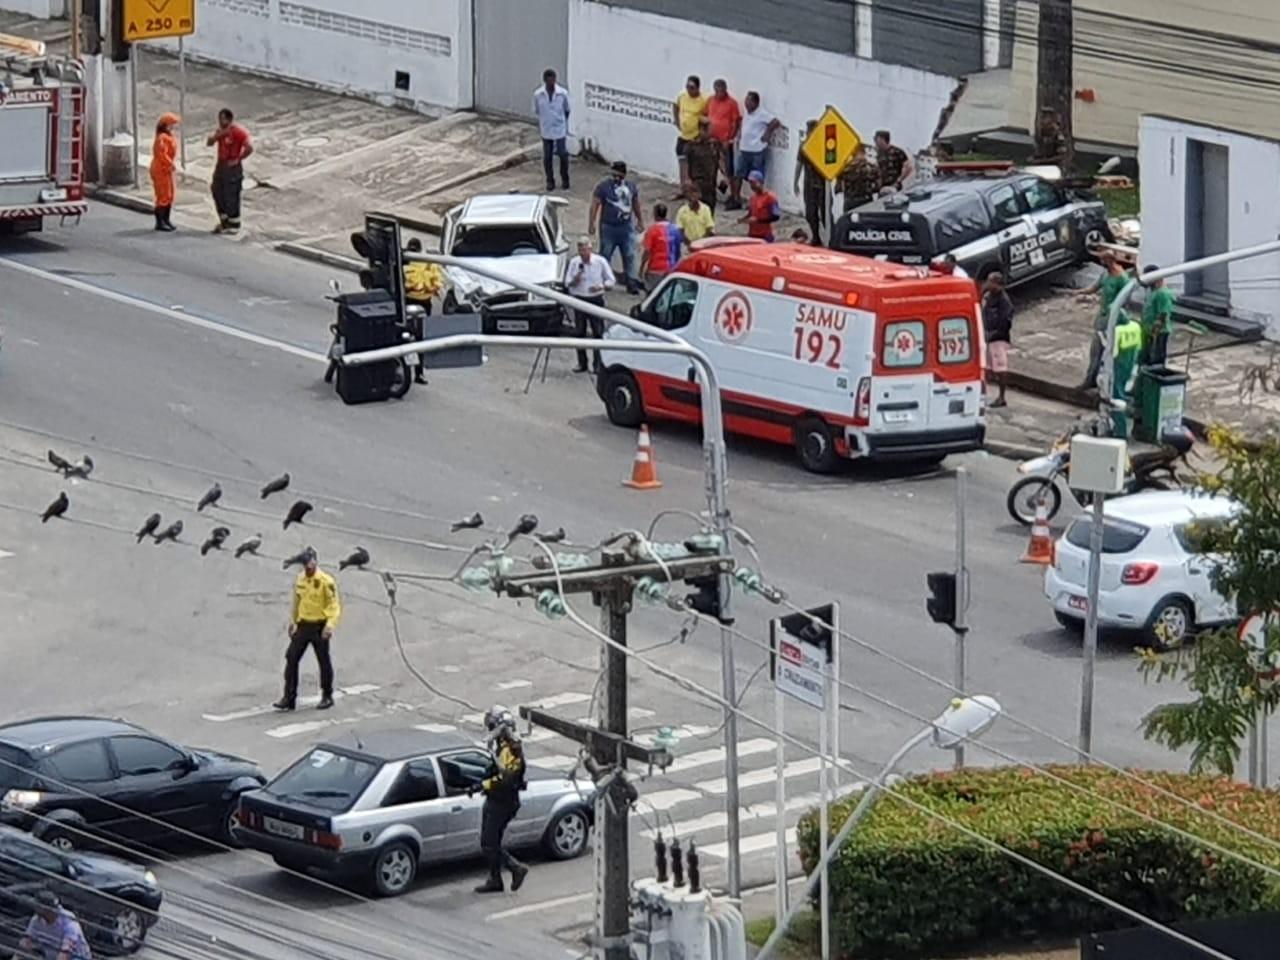 Viatura da polícia bate em carro de passeio e derruba muro na Av. Fernandes Lima, em Maceió - Notícias - Plantão Diário